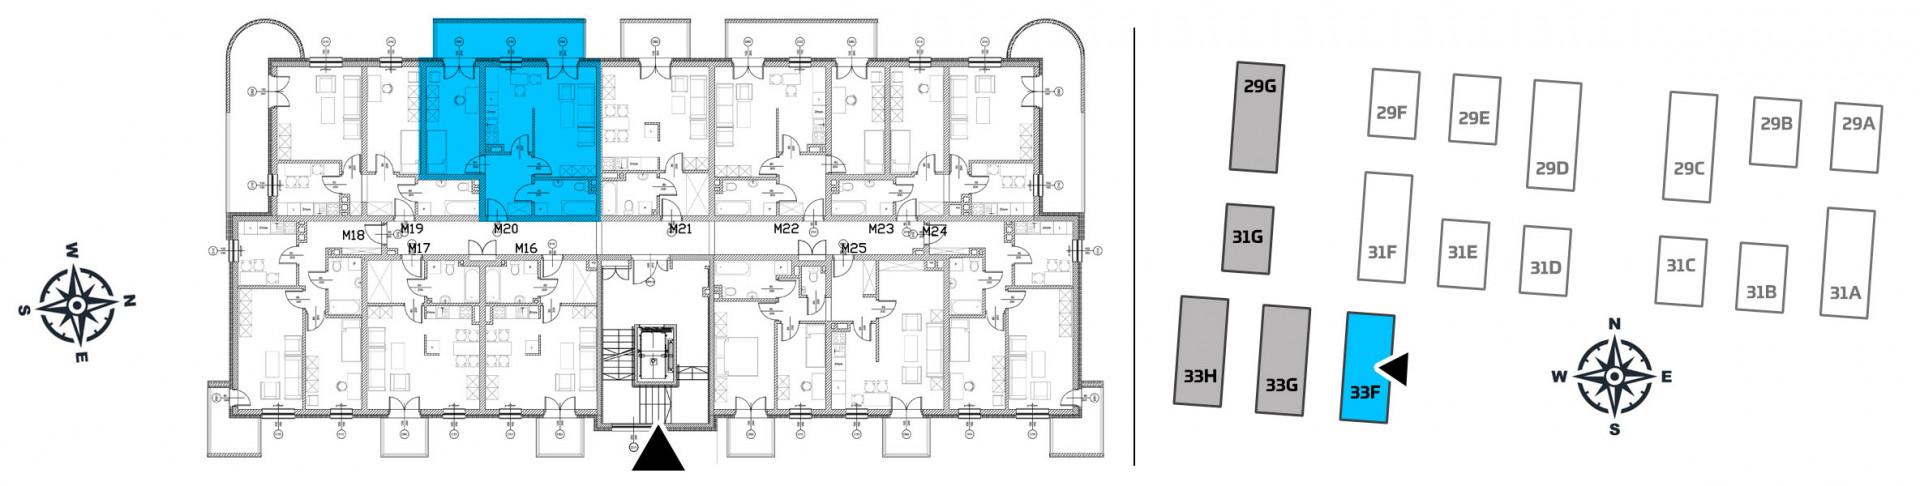 Mieszkanie dwupokojowe 33F/20 rzut 2